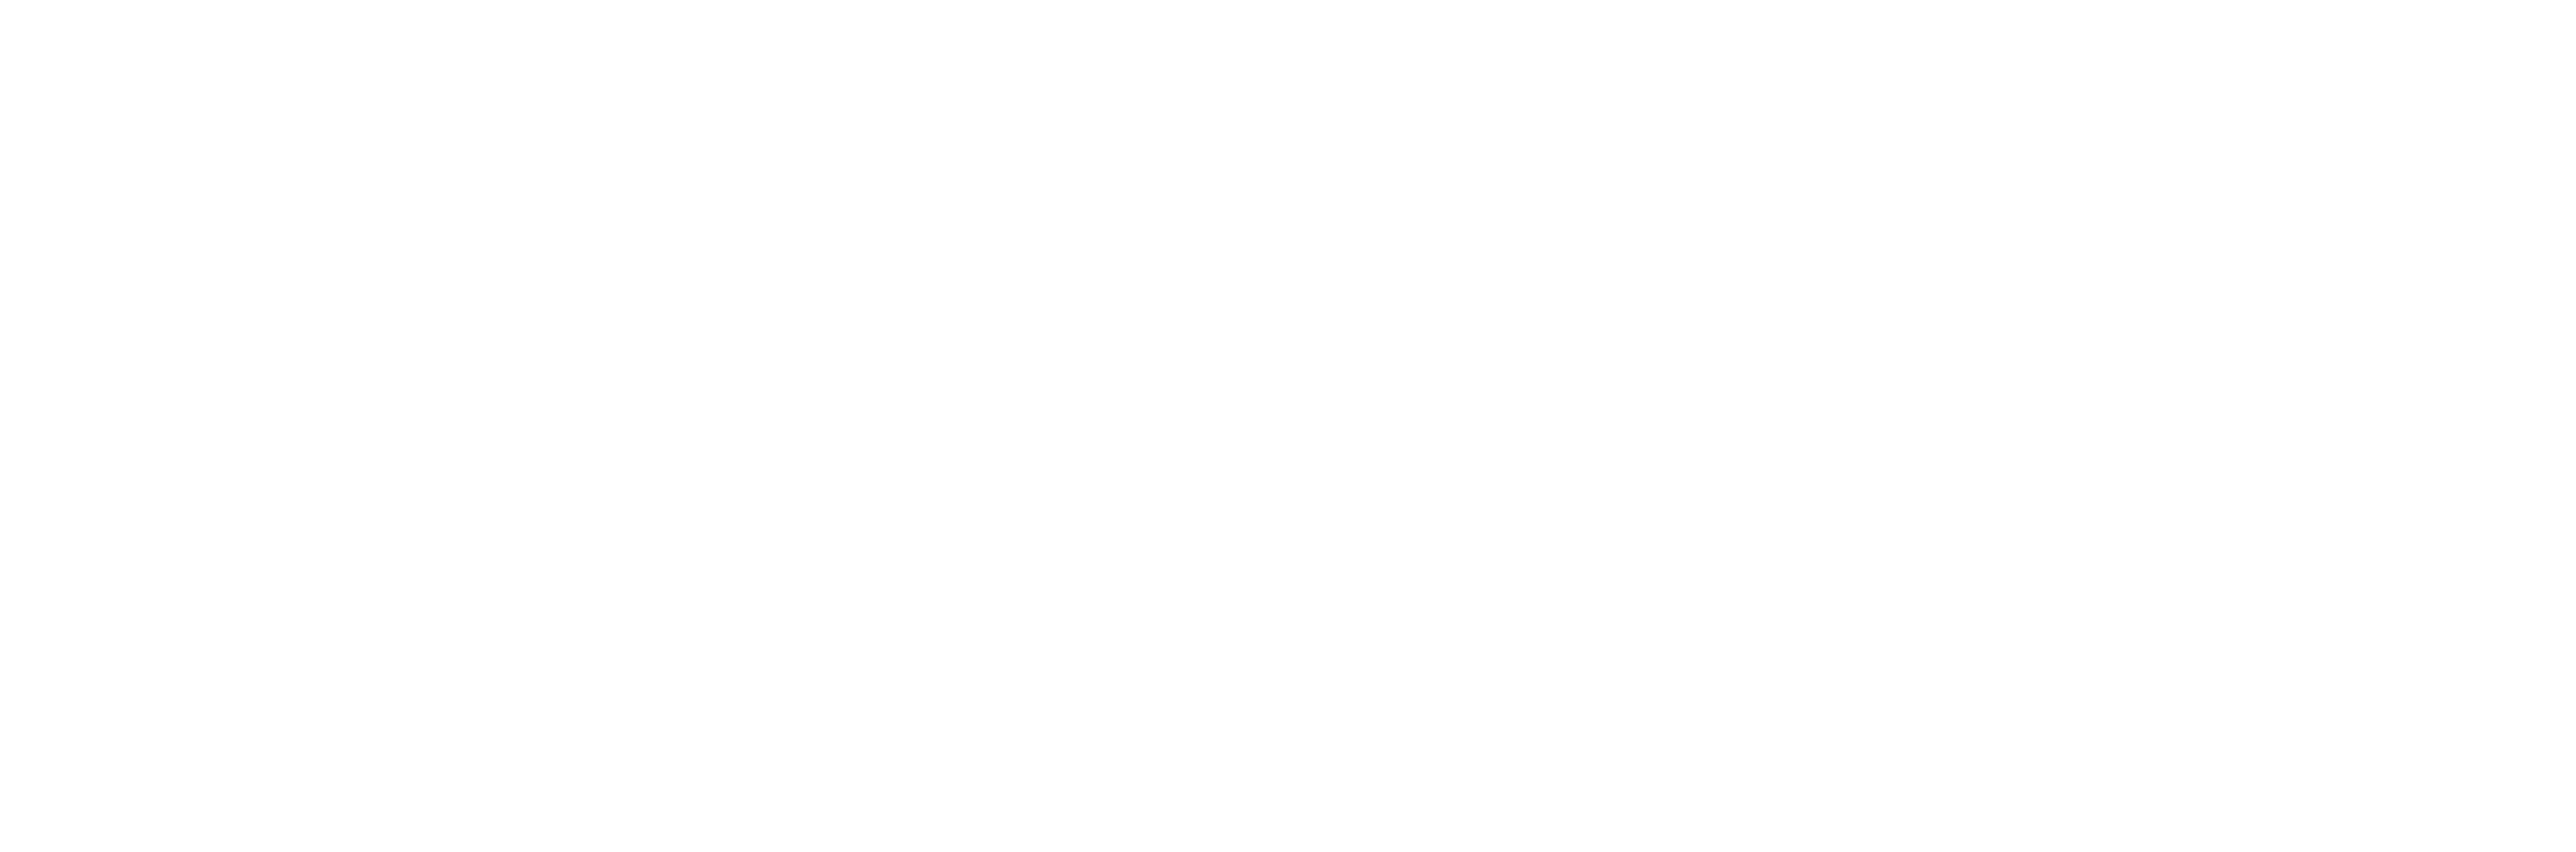 BPS logo 黑白